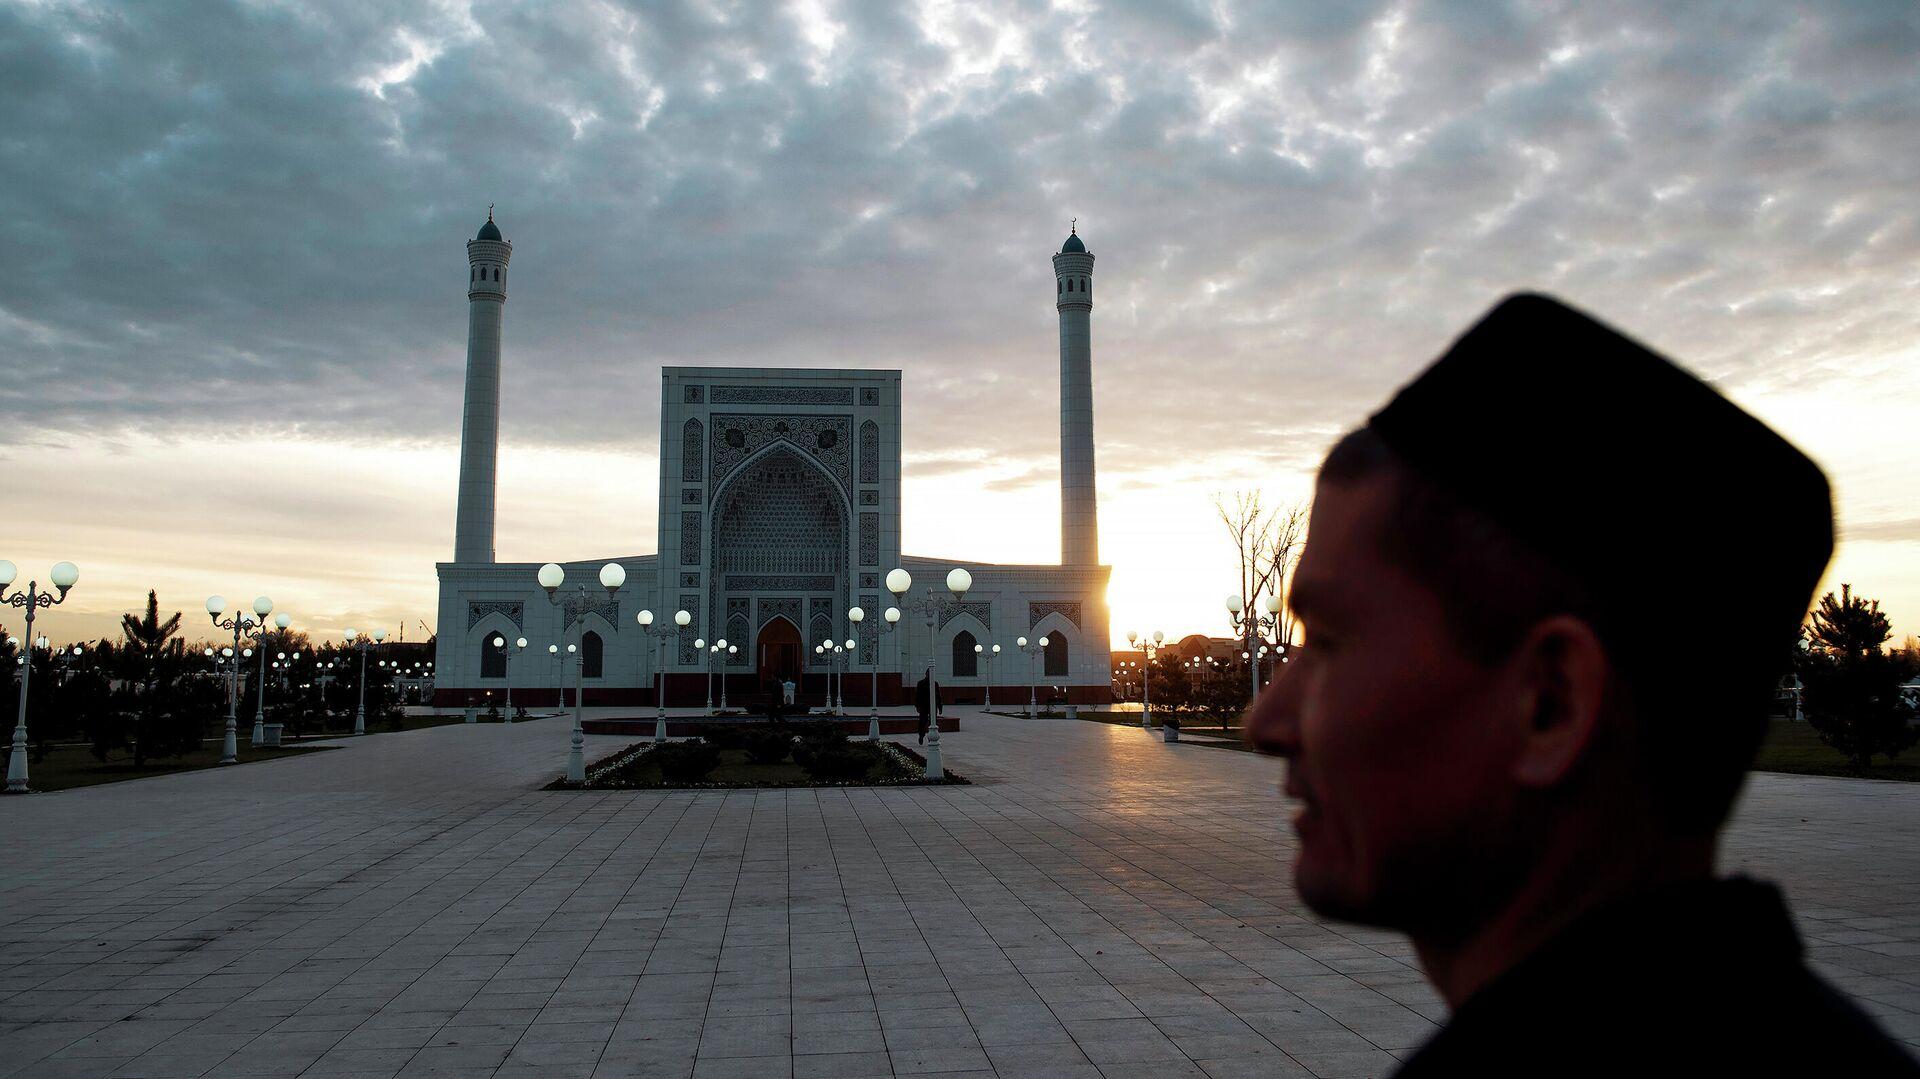 Мечеть Минор в Ташкенте - РИА Новости, 1920, 12.04.2021